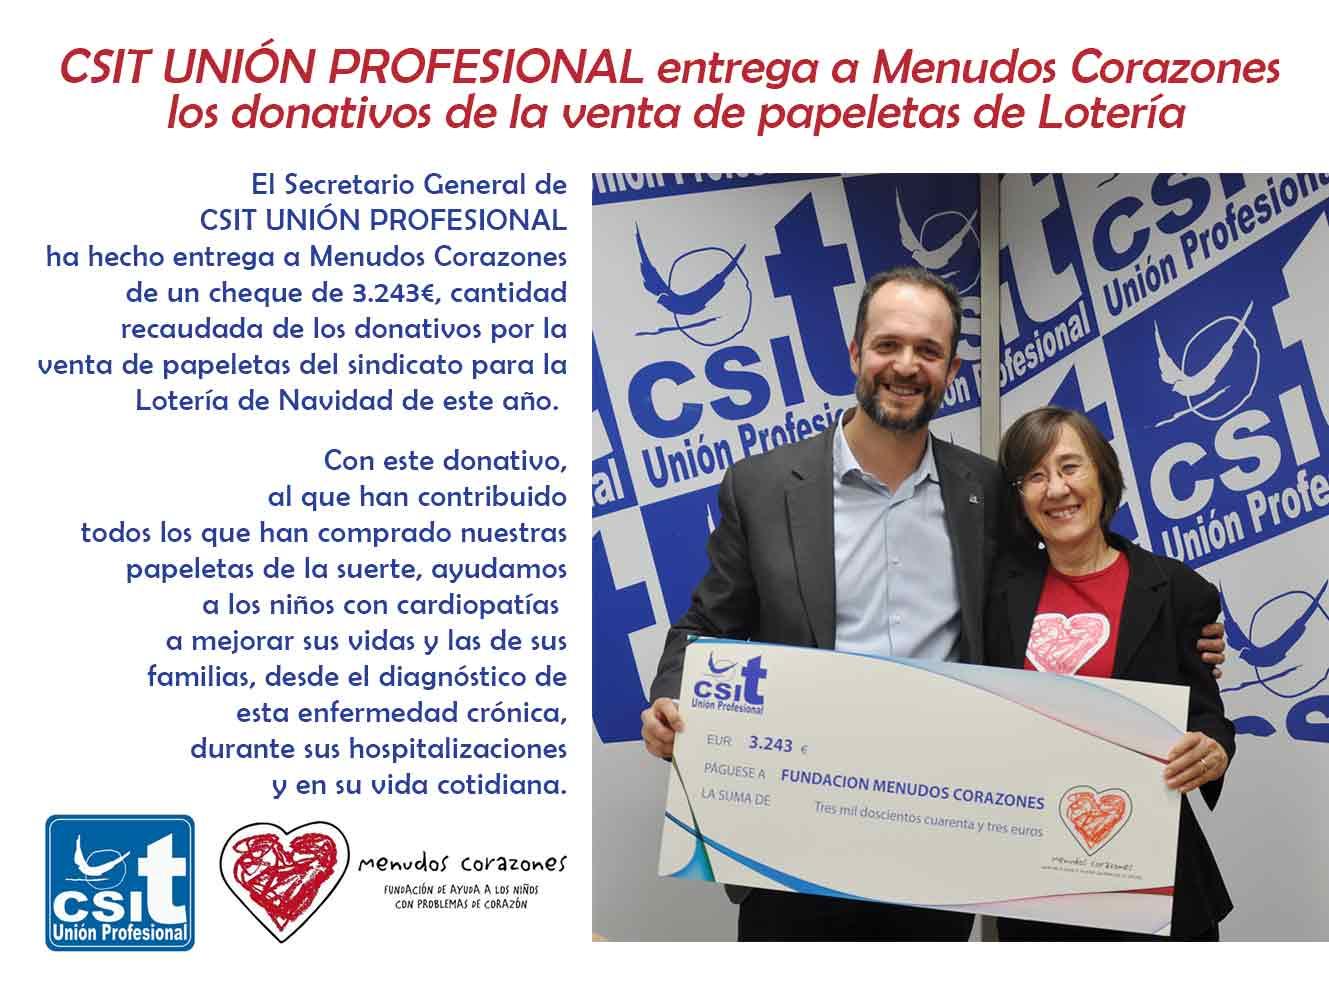 CSIT UNIÓN PROFESIONAL entrega a Menudos Corazones  los donativos de la venta de papeletas de Lotería de Navidad 2019